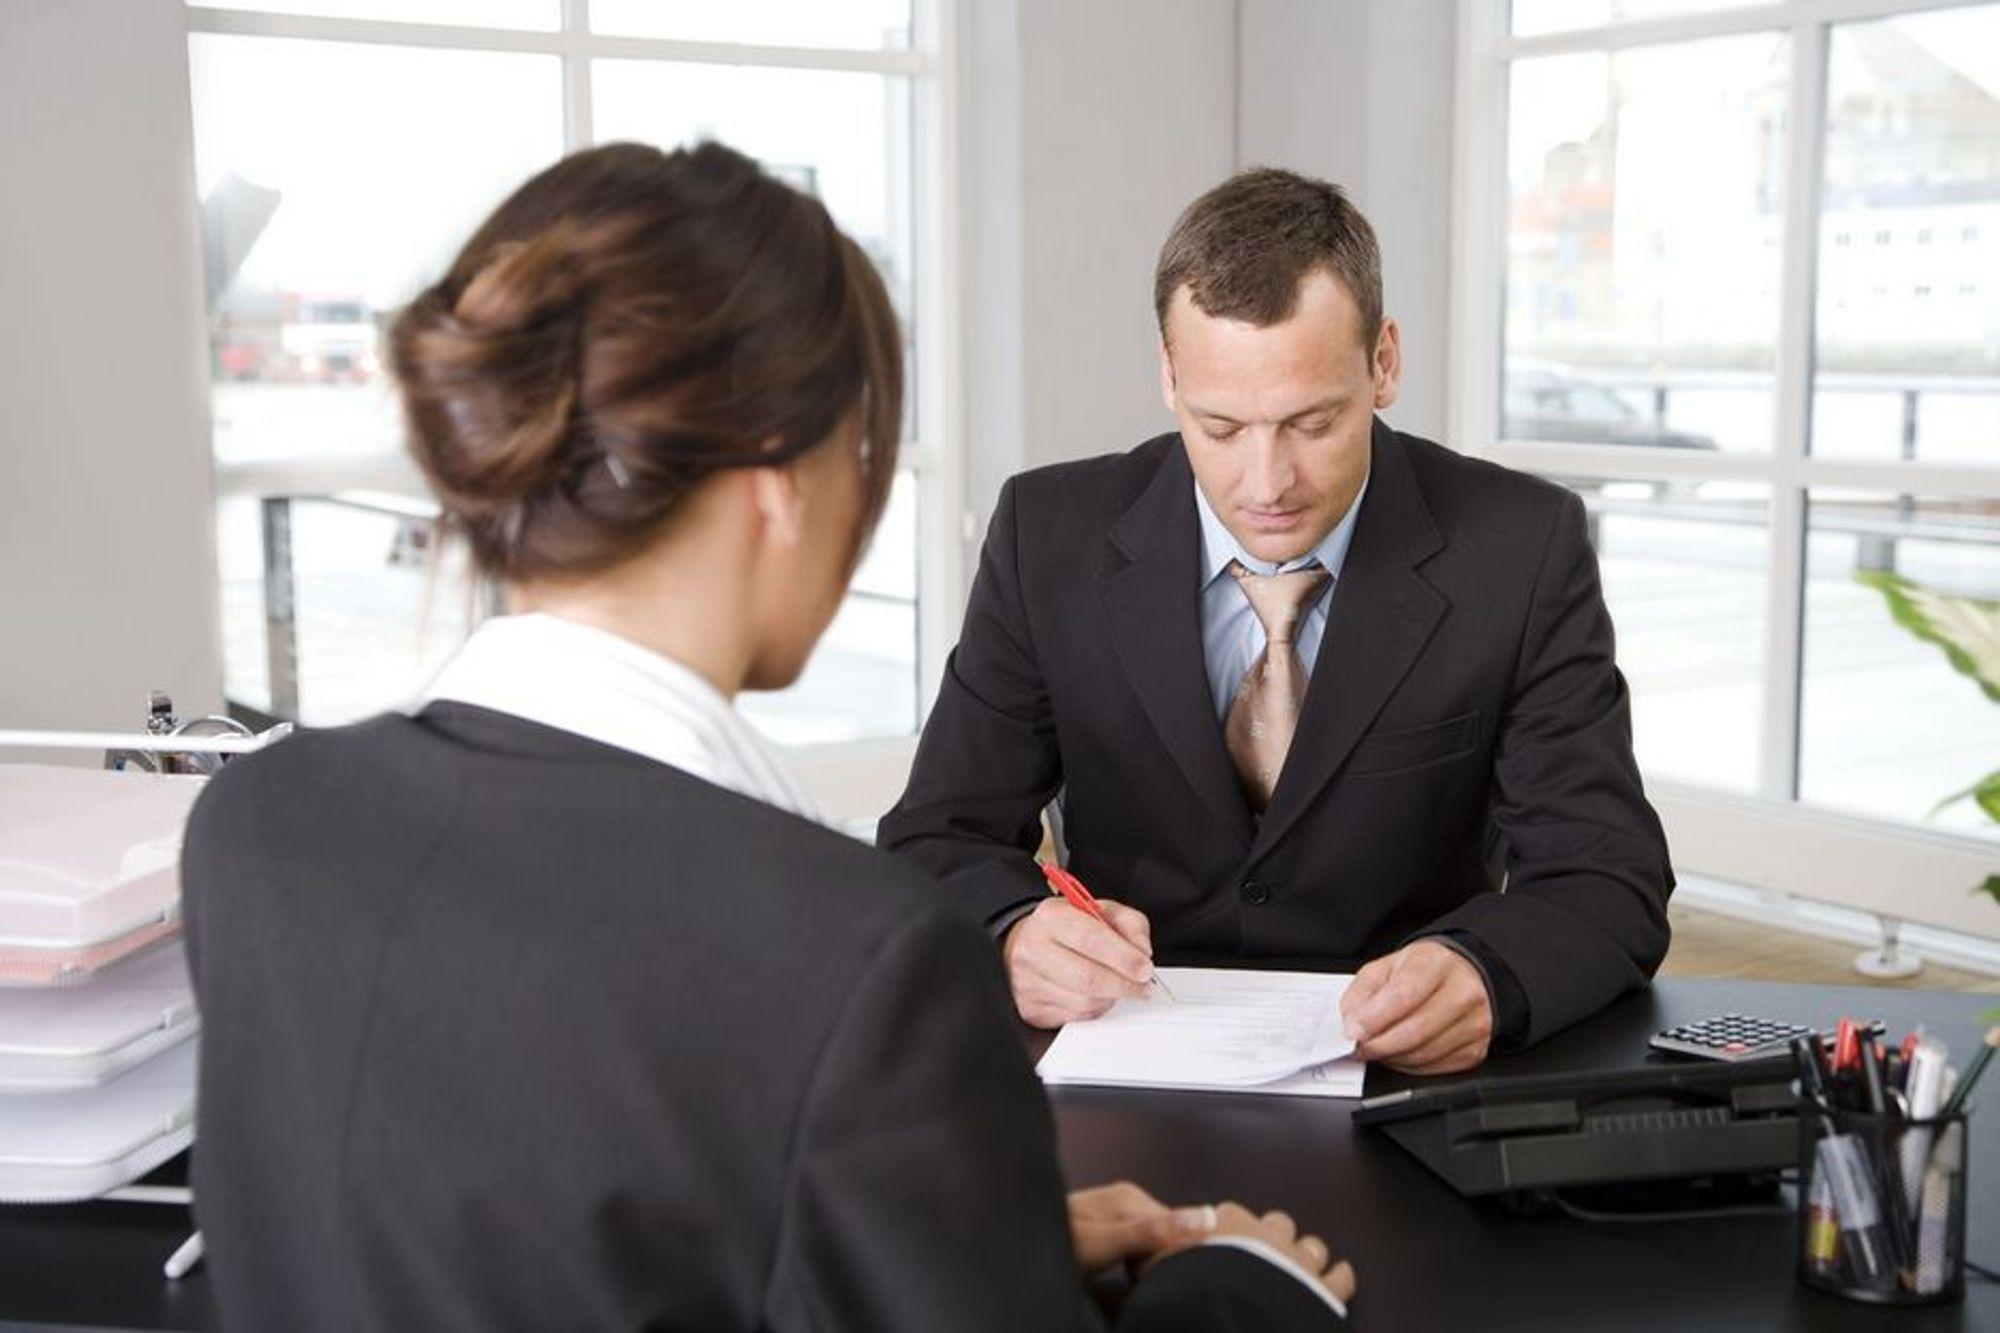 RÅD: Tar intervjueren notater? Det er et godt tegn.